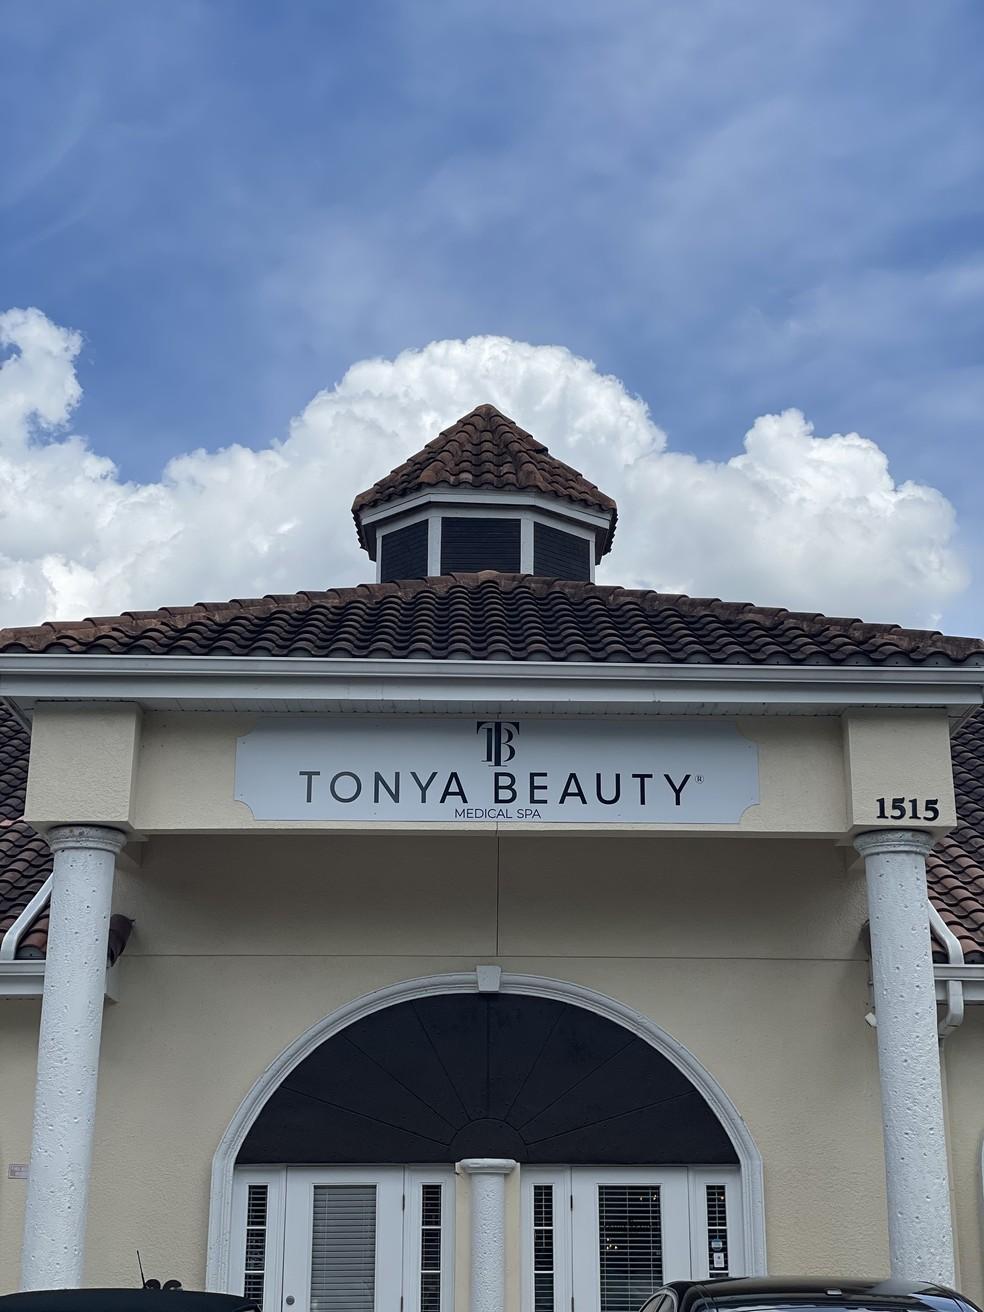 Tonya Beauty — Foto: Acervo